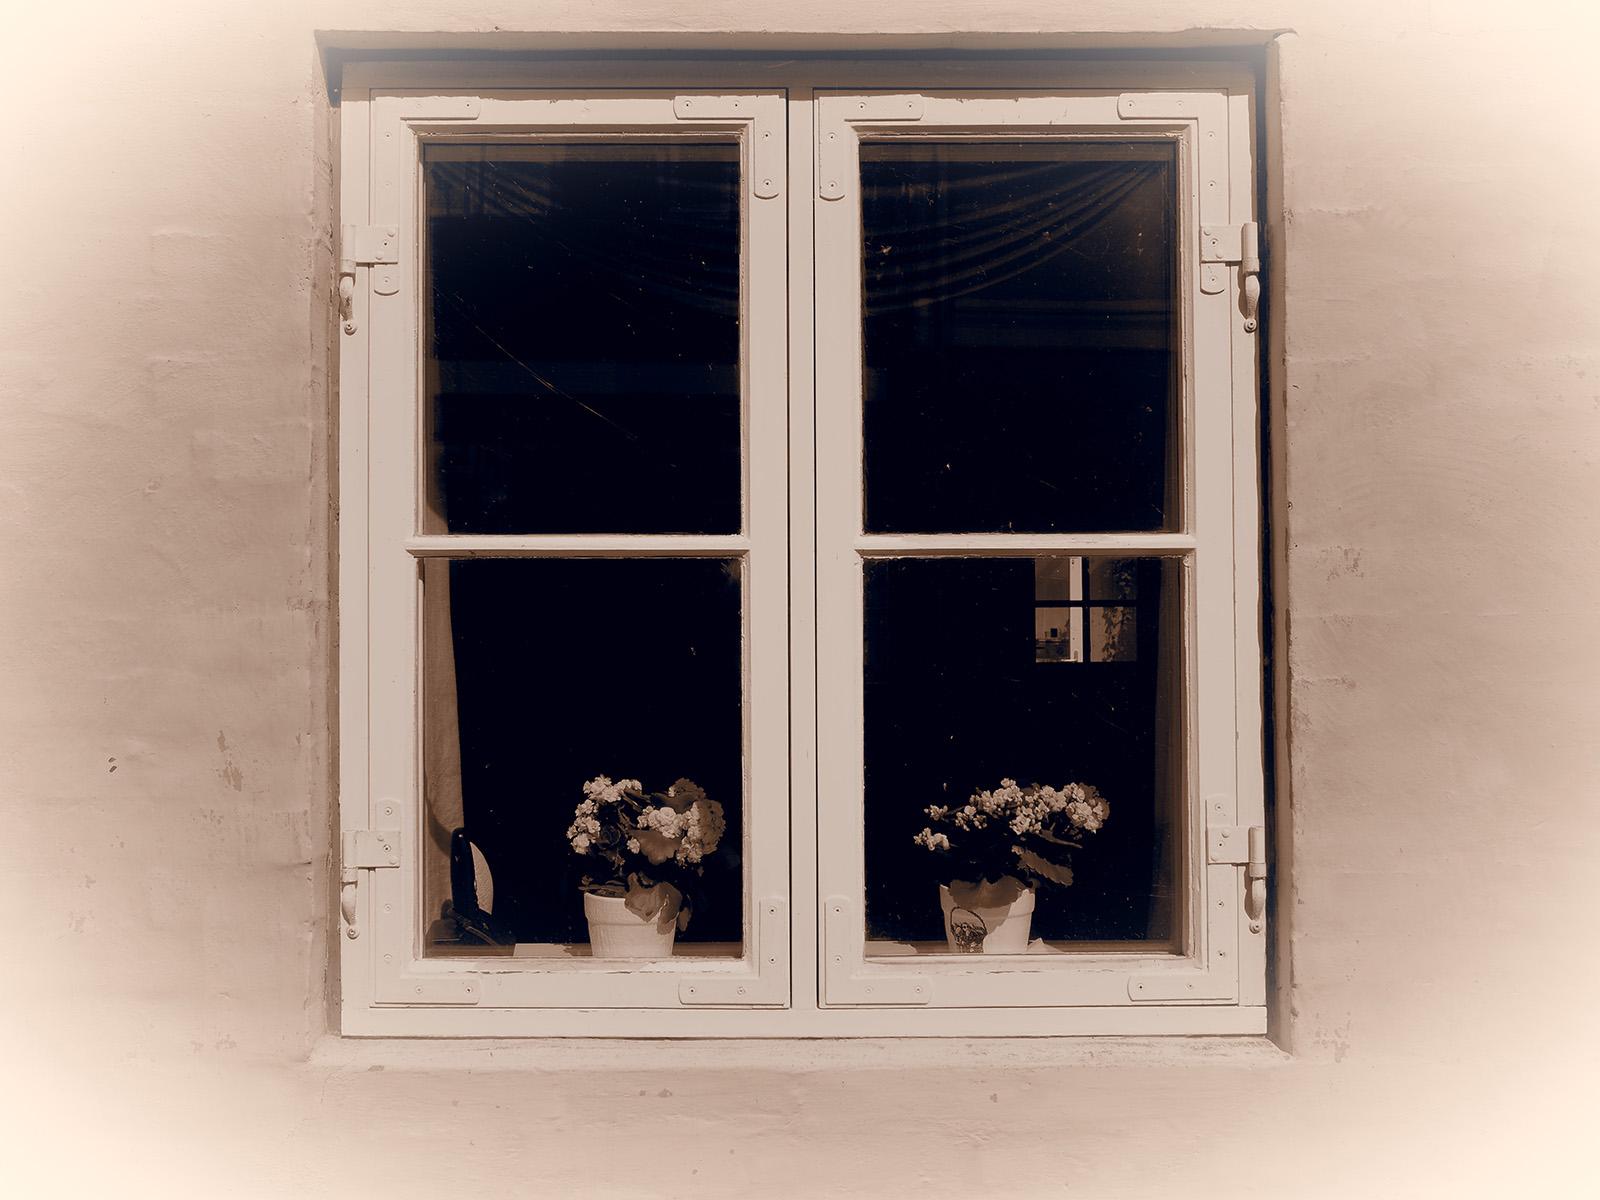 Fenster, Vintage-Stil